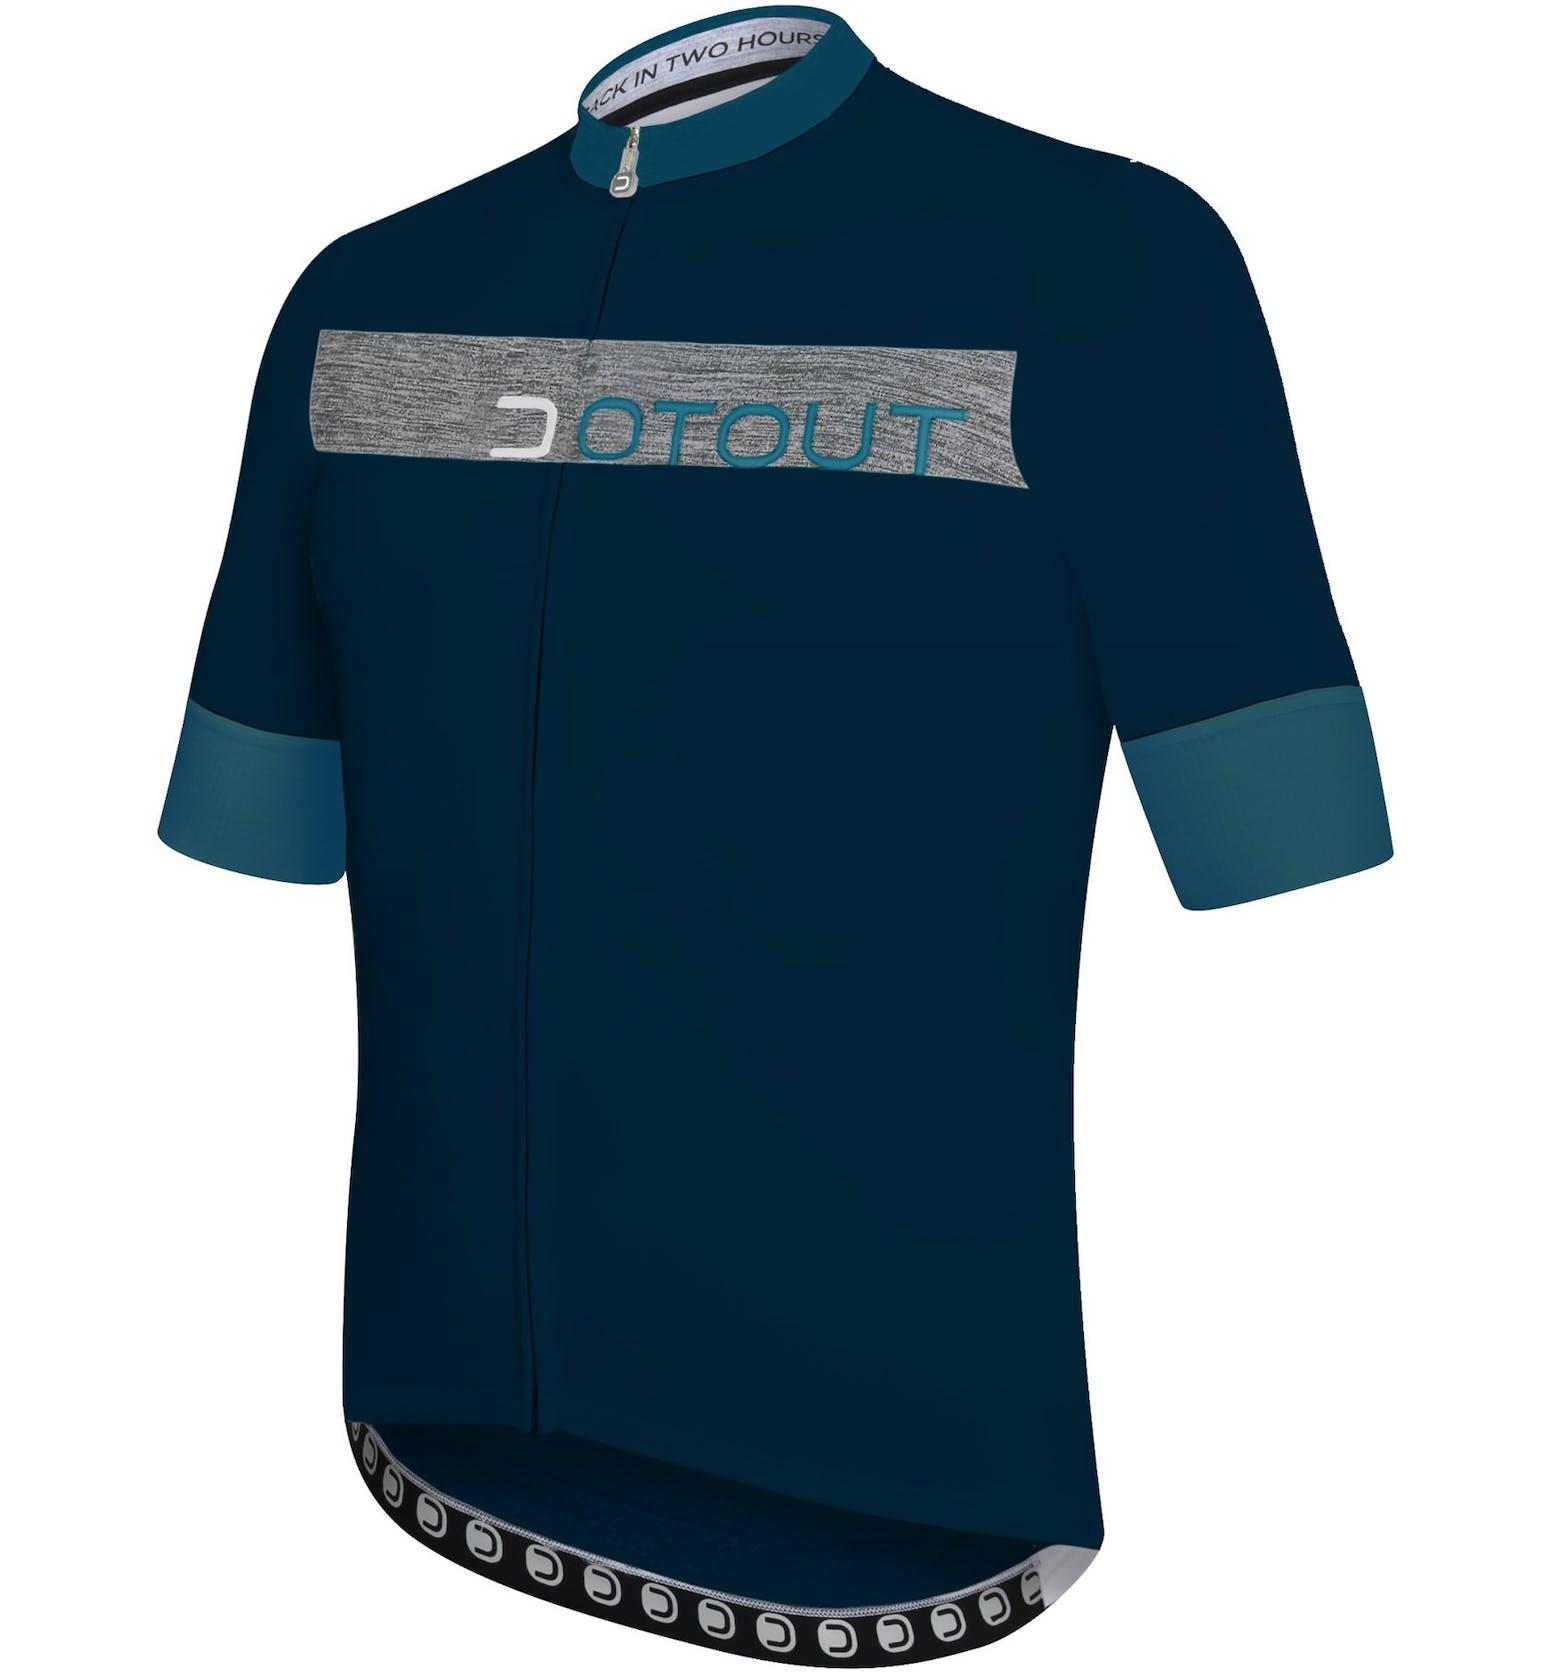 Dotout Horizon - maglia bici - uomo